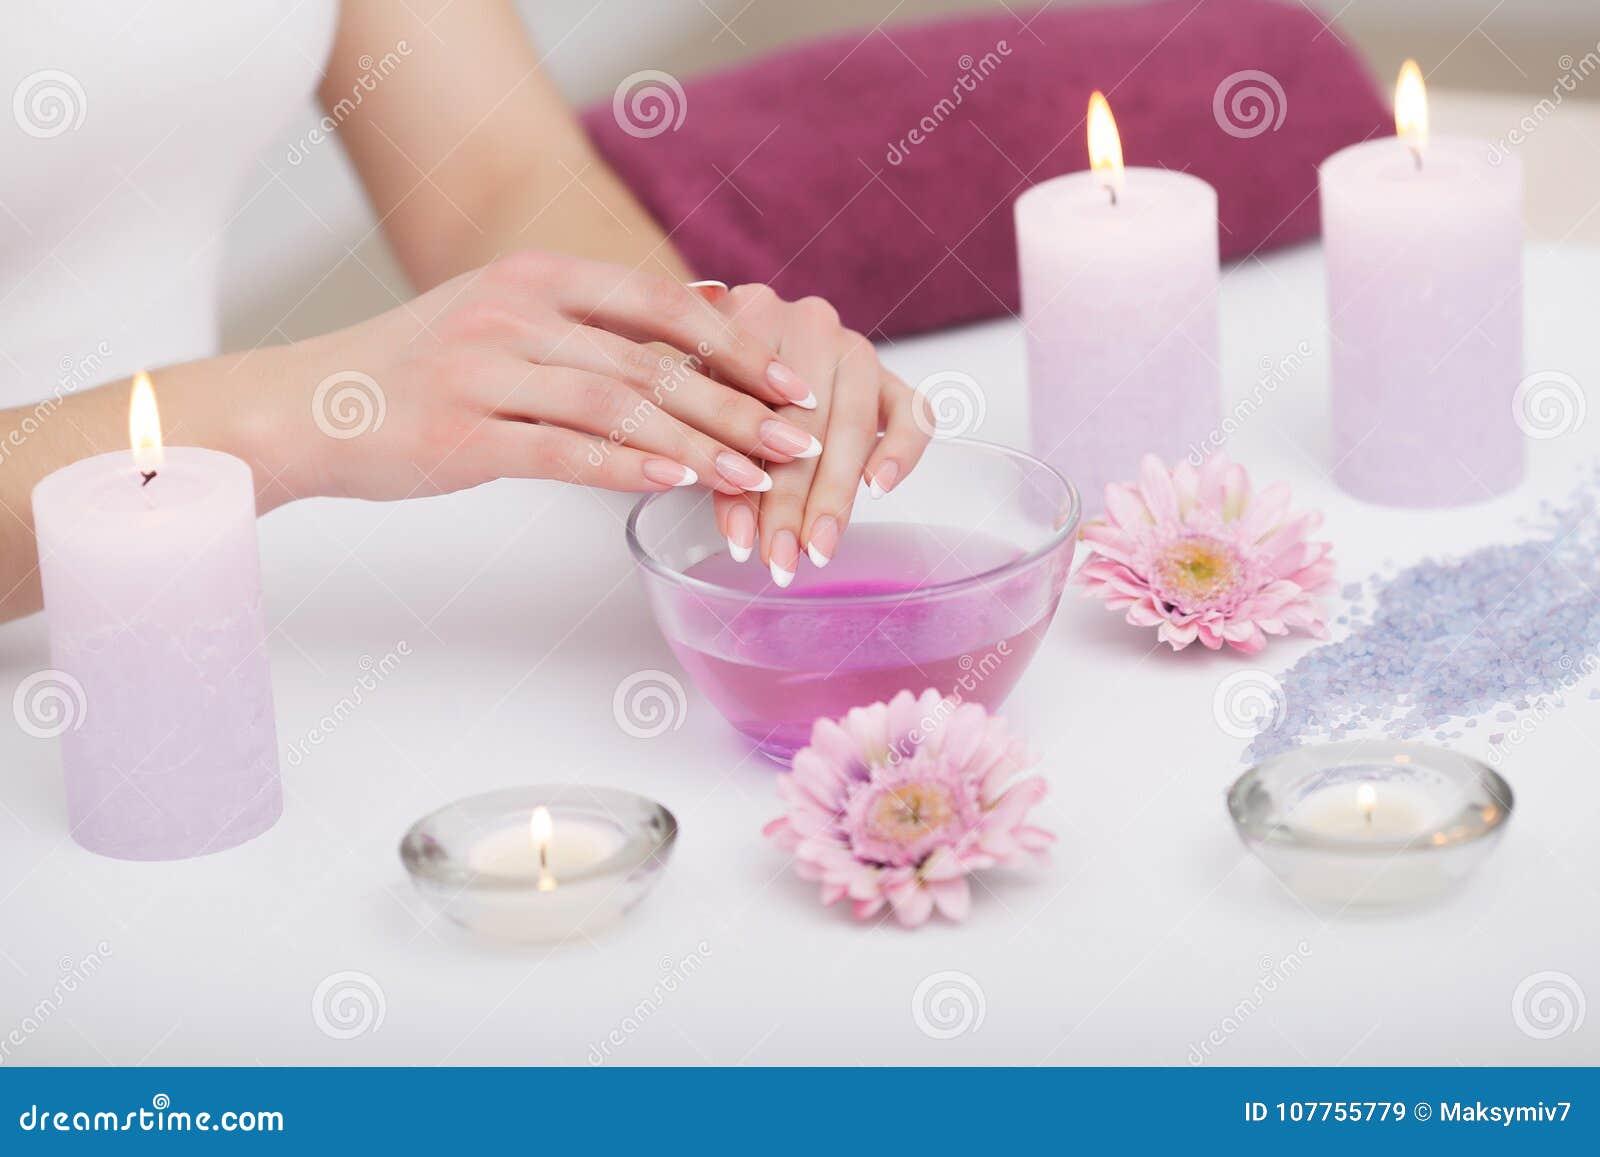 позаботьте ноготь ногтя хлопка извлекая политуру пробирки Крупный план красивых рук женщины с естественными ногтями i